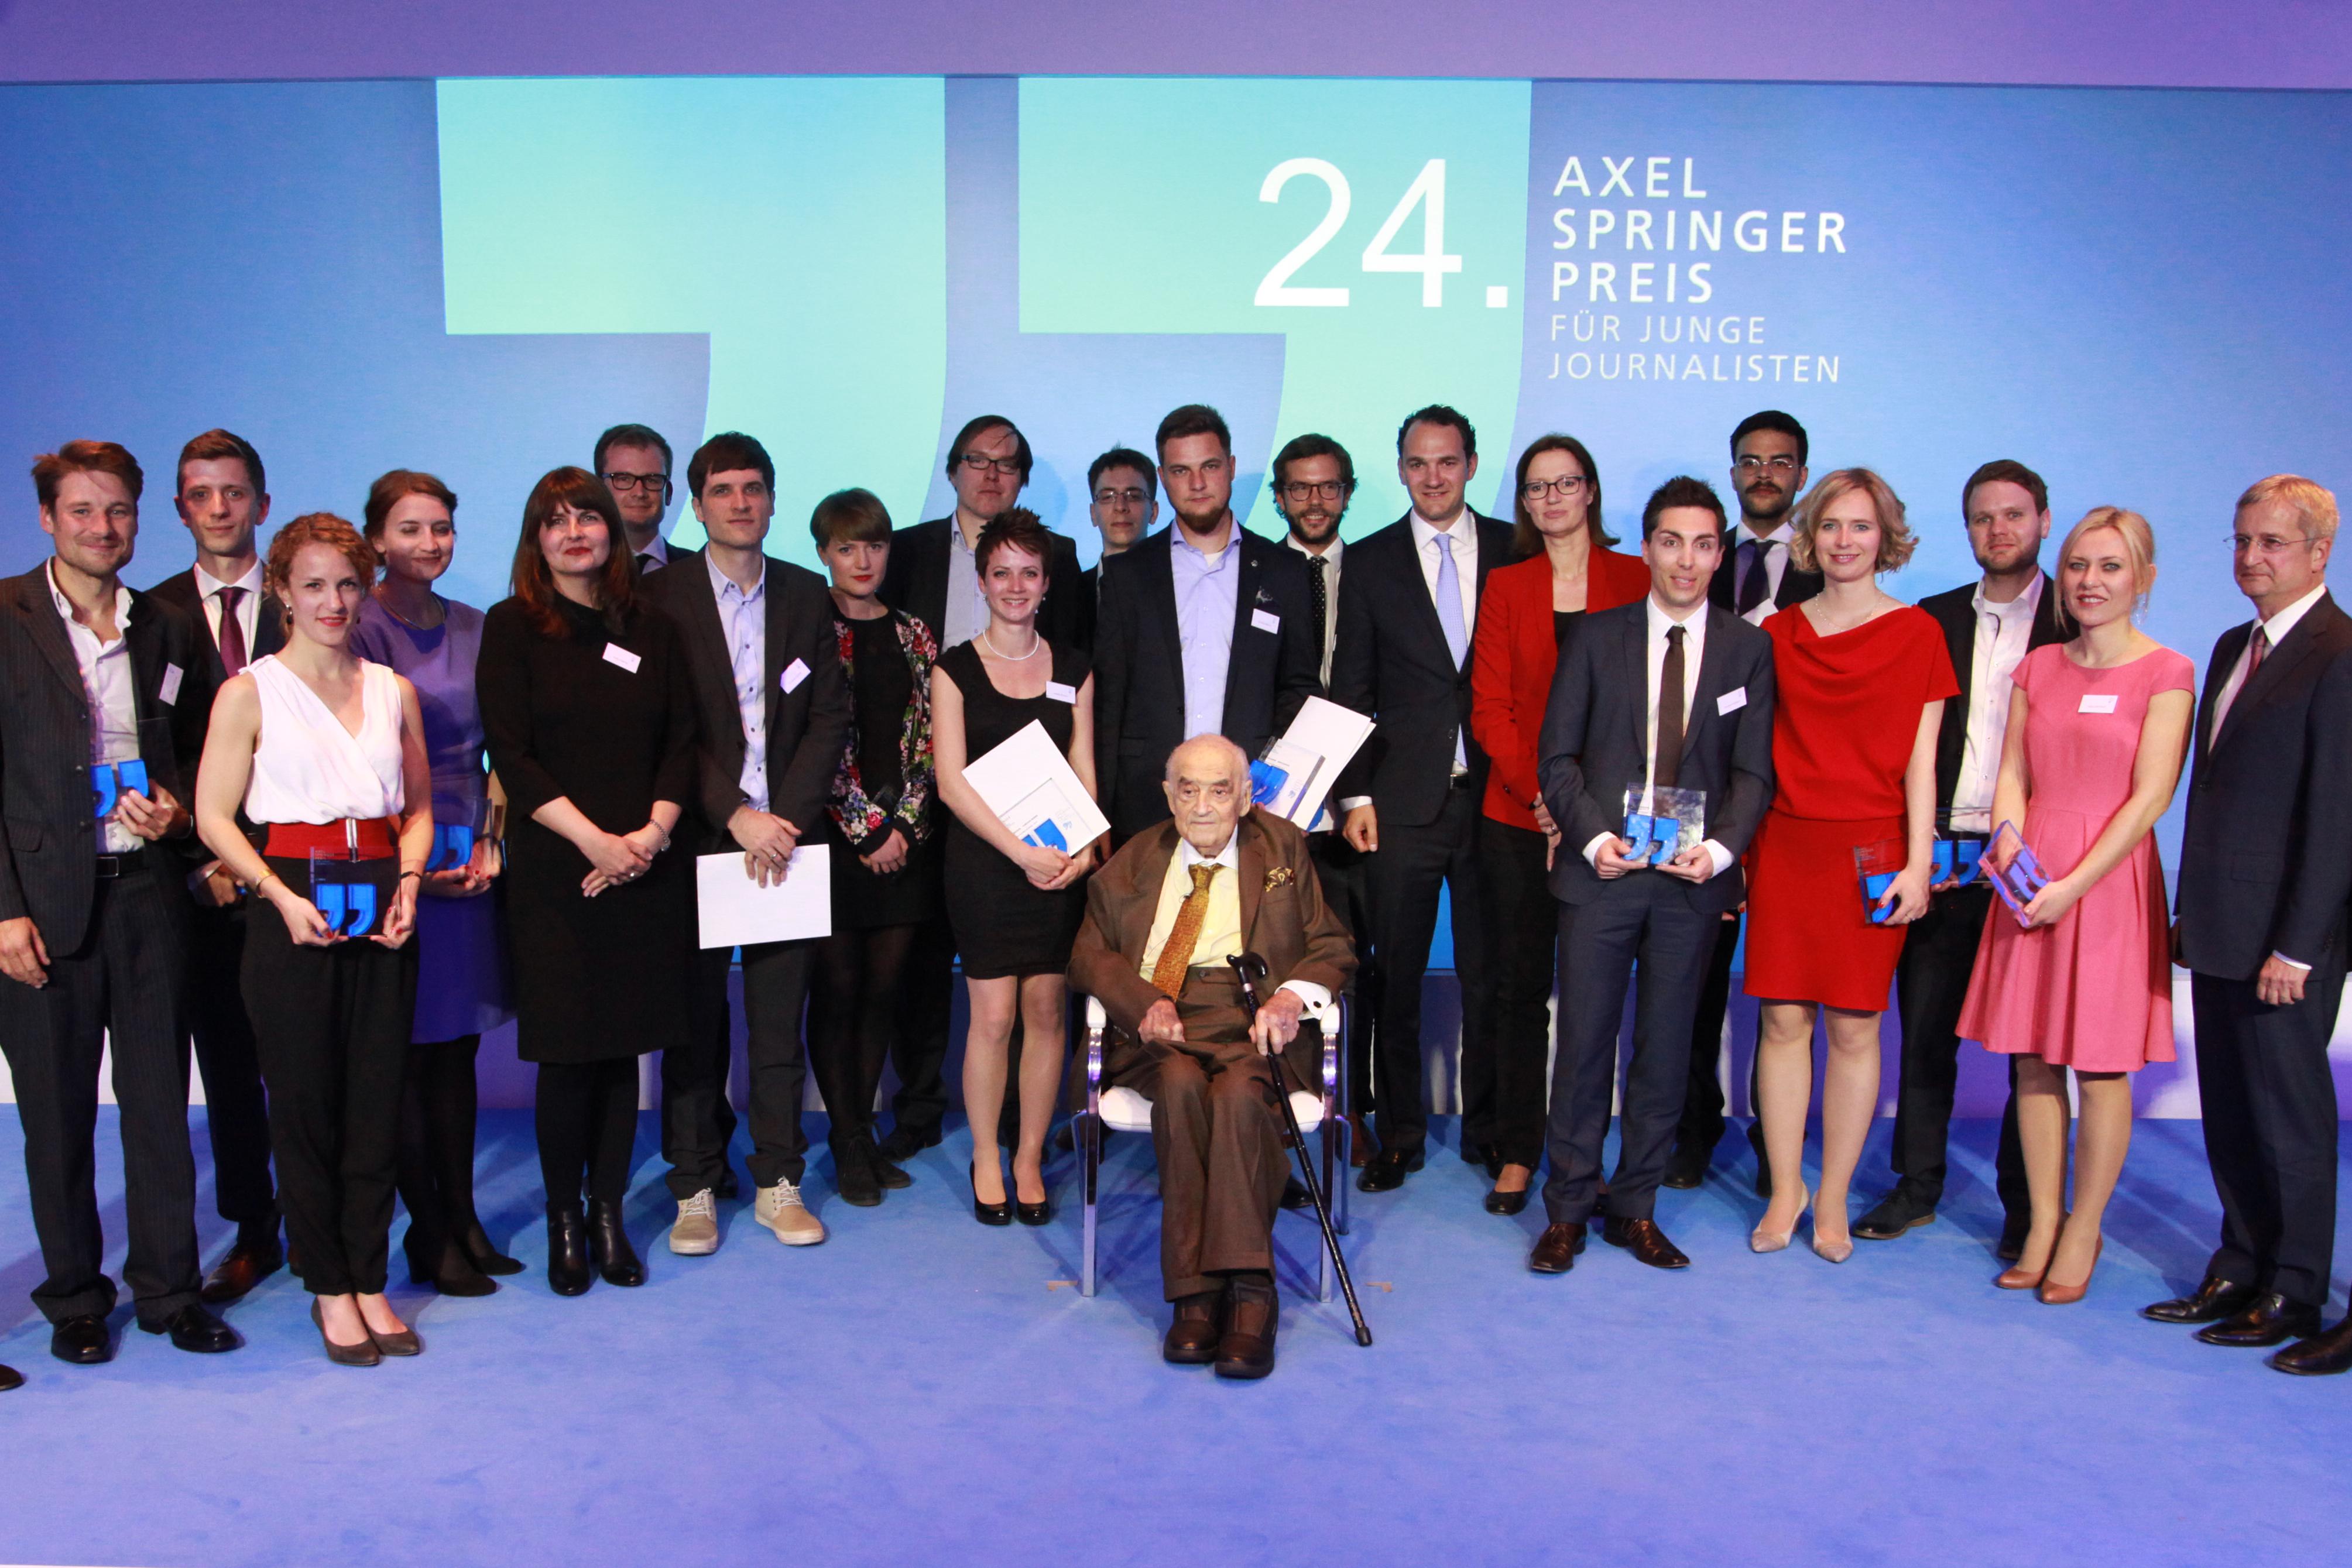 Axel Springer Preis für junge Journalisten 2015